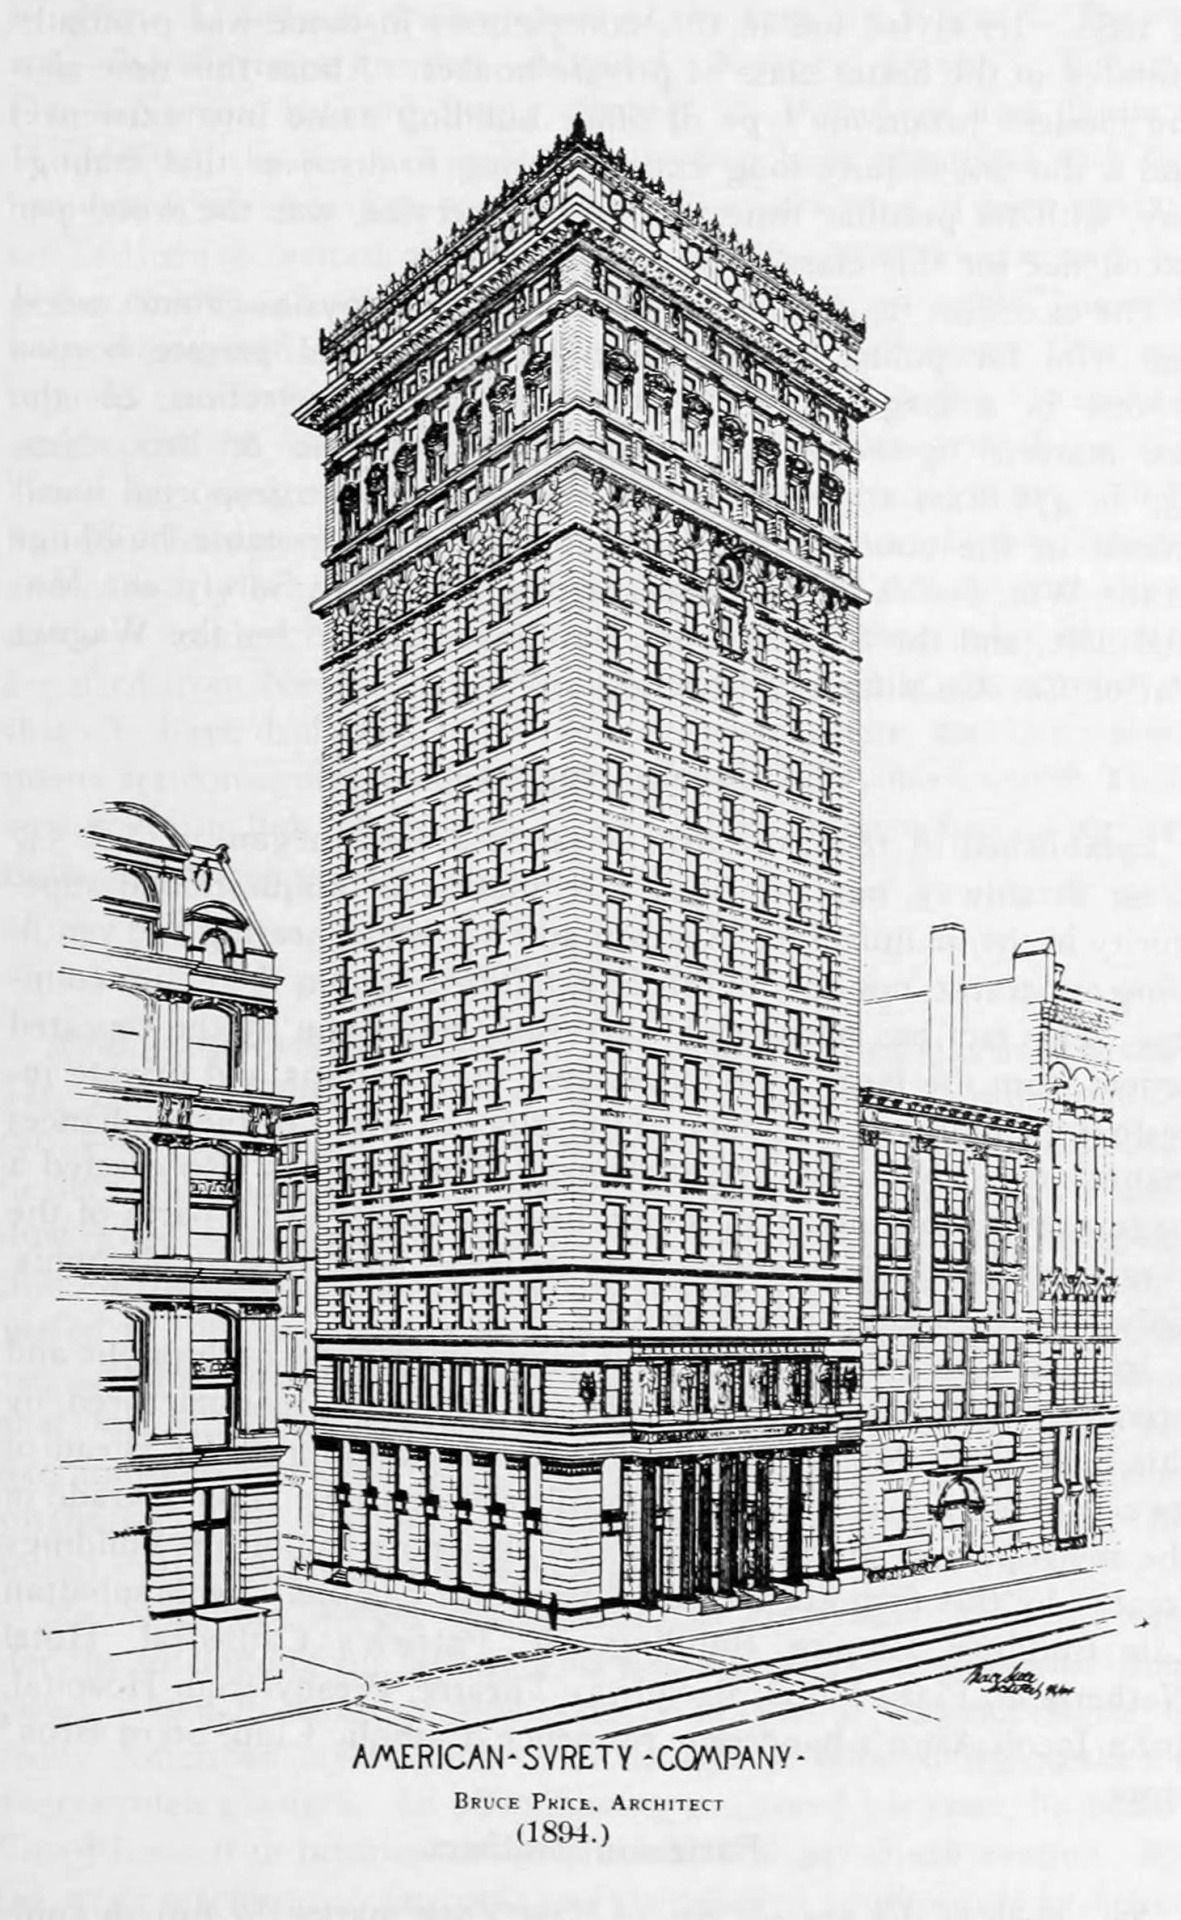 The Building Of The American Surety Company New York City Edificiosantiguos Dibujo De Arquitectura Bocetos Arquitectura Edificios Antiguos